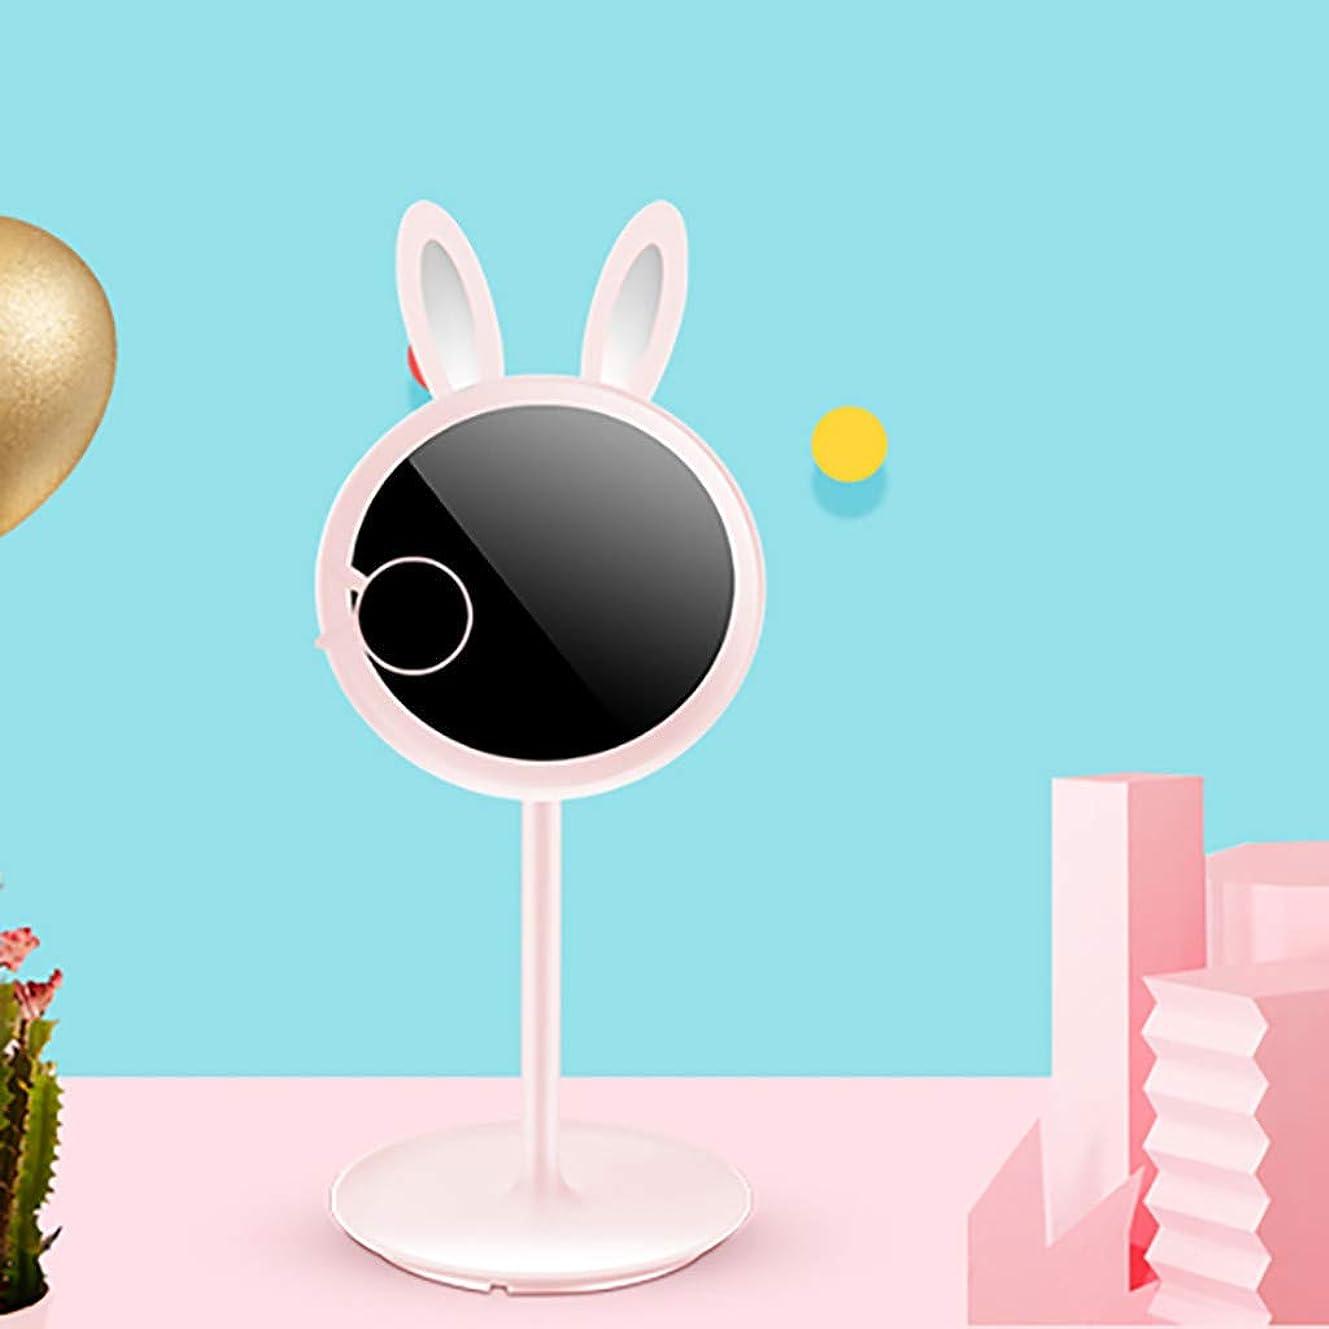 明らか言うプールうさぎランプ化粧鏡 かわいいうさぎ 化粧鏡テーブルランプ収納トレイを1つにセット 7倍ライトアップミラー スマートタッチスイッチ設計 (ピンク)